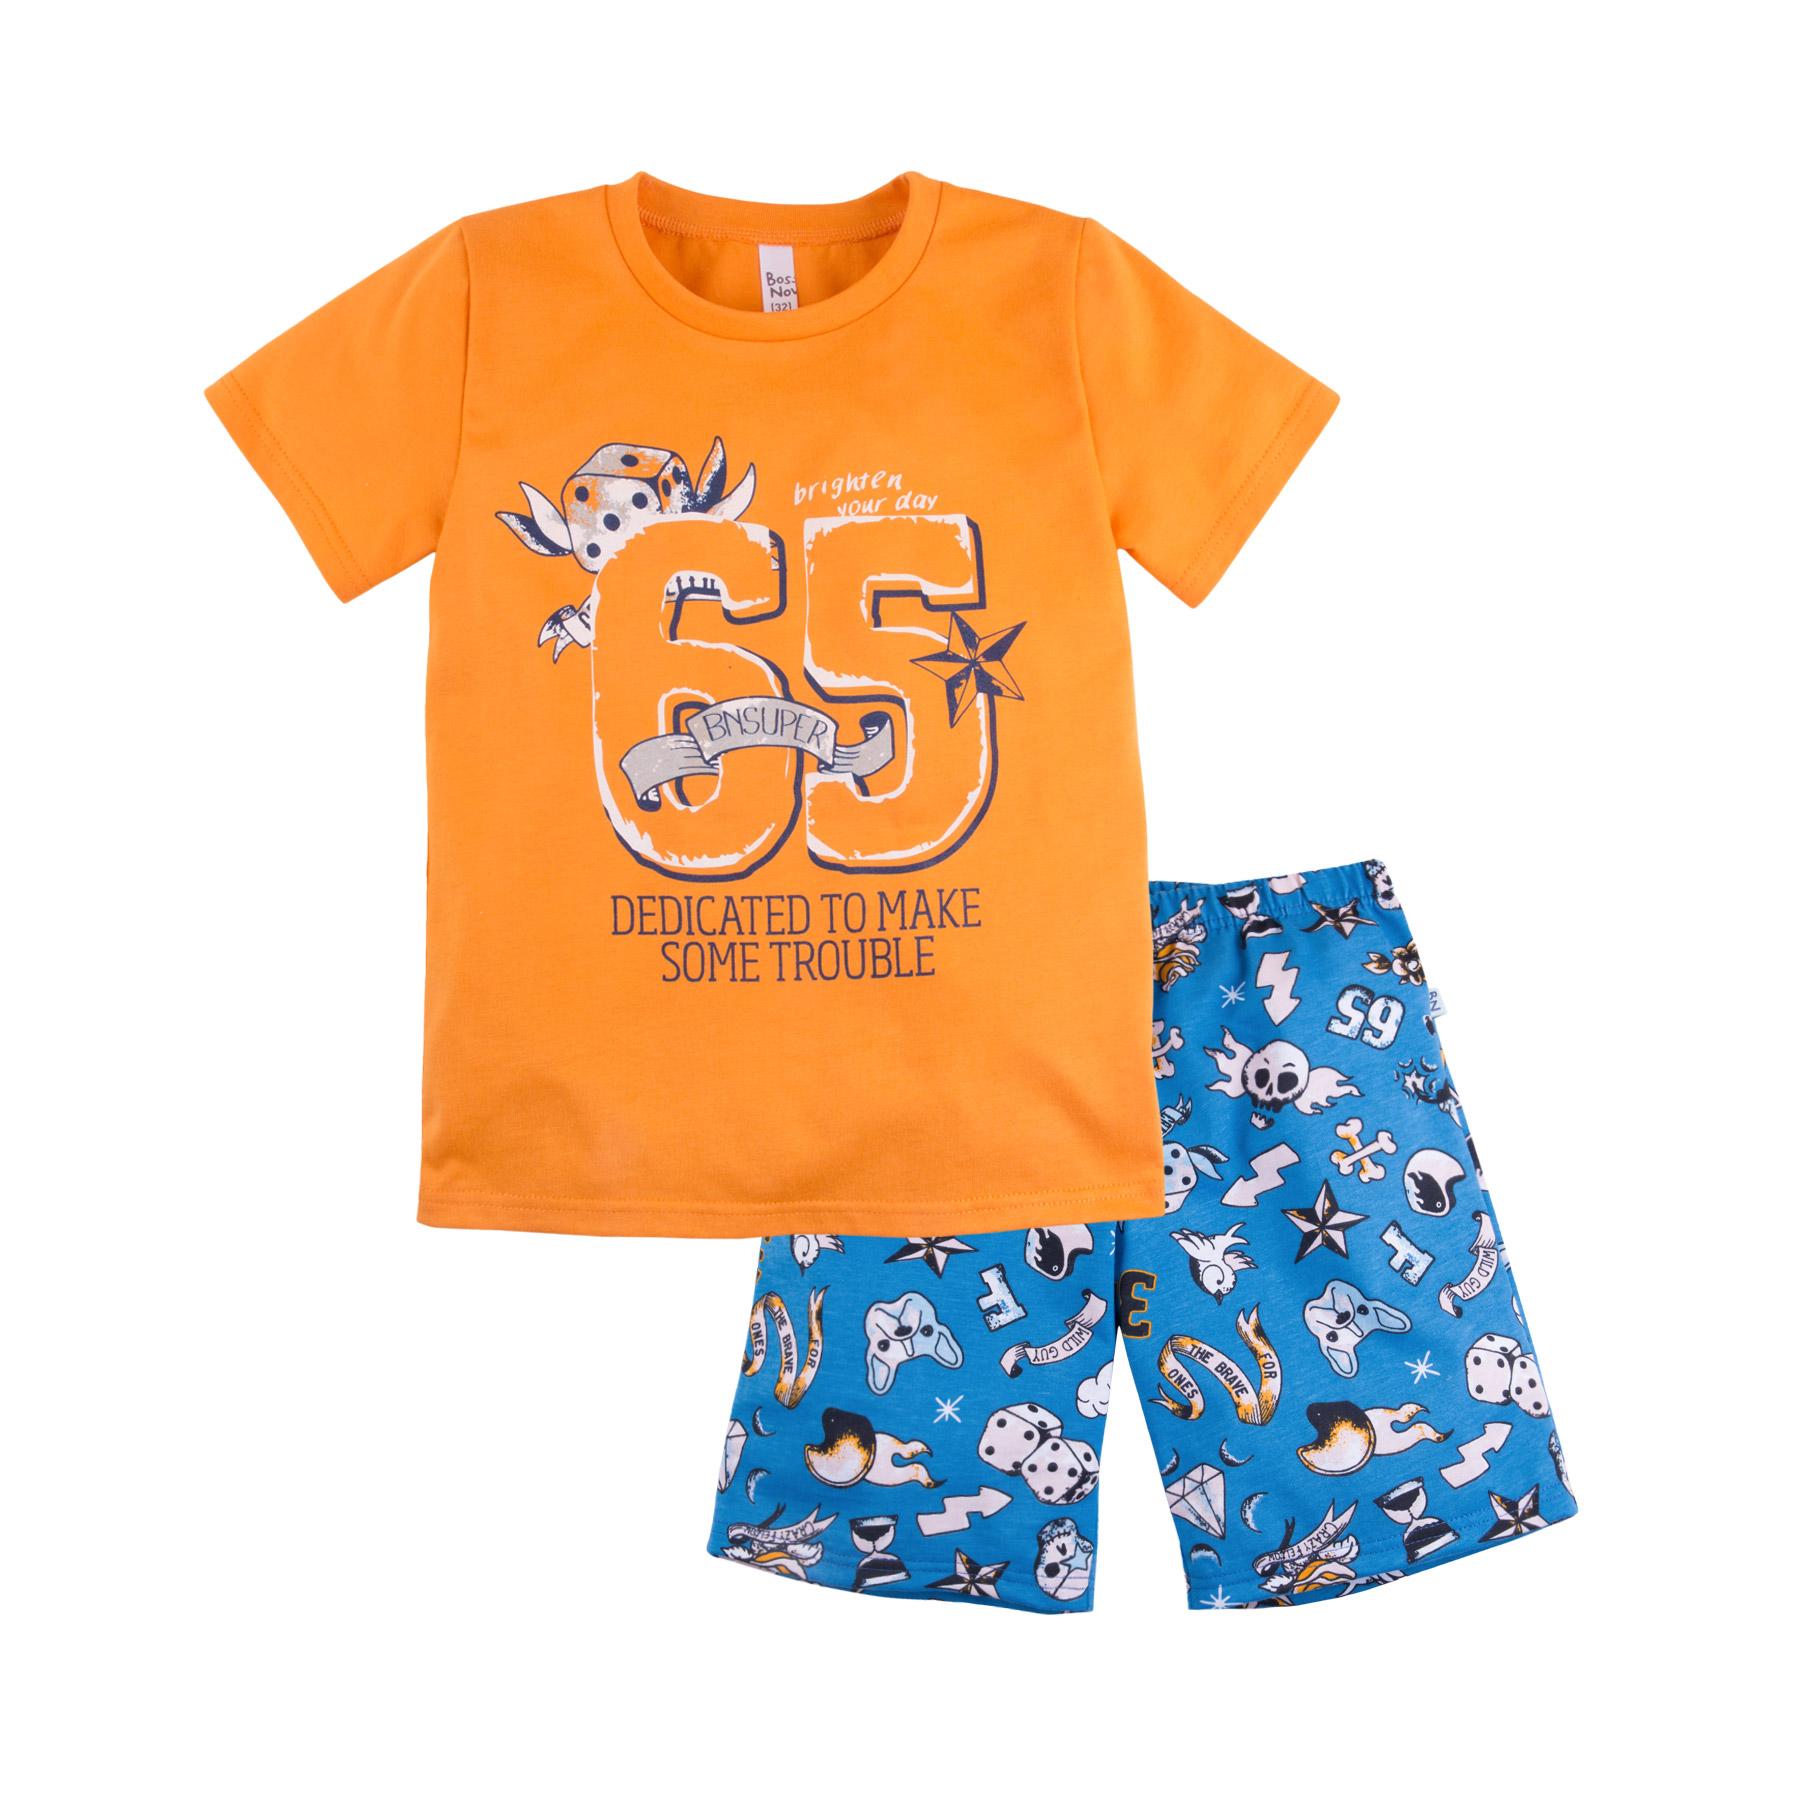 Купить Пижама Bossa Nova Тату для мальчика: футболка и шорты, оранжевая, Журавлик, Россия, Оранжевый, 122